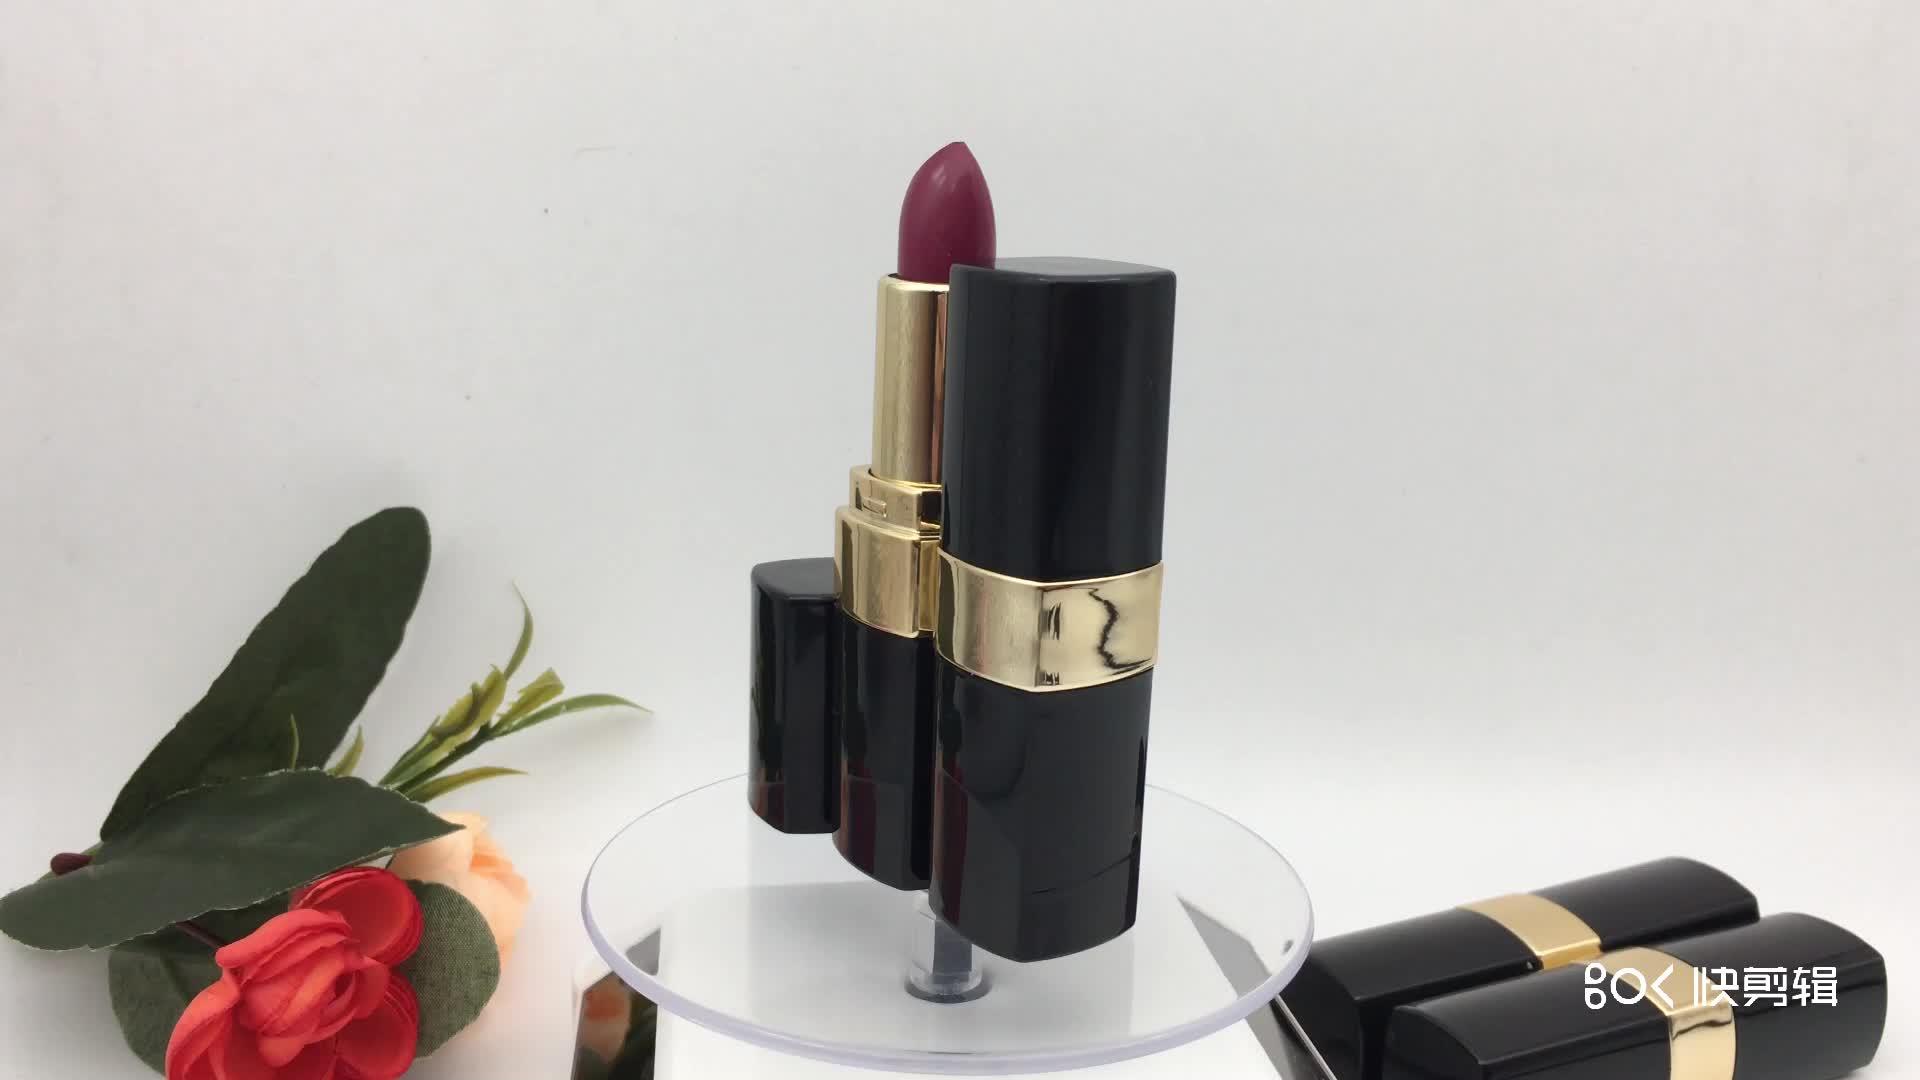 2019 heißer Verkauf Make-Up Feuchtigkeits Personalisierte Organische Verblassen-proof Lippenstift